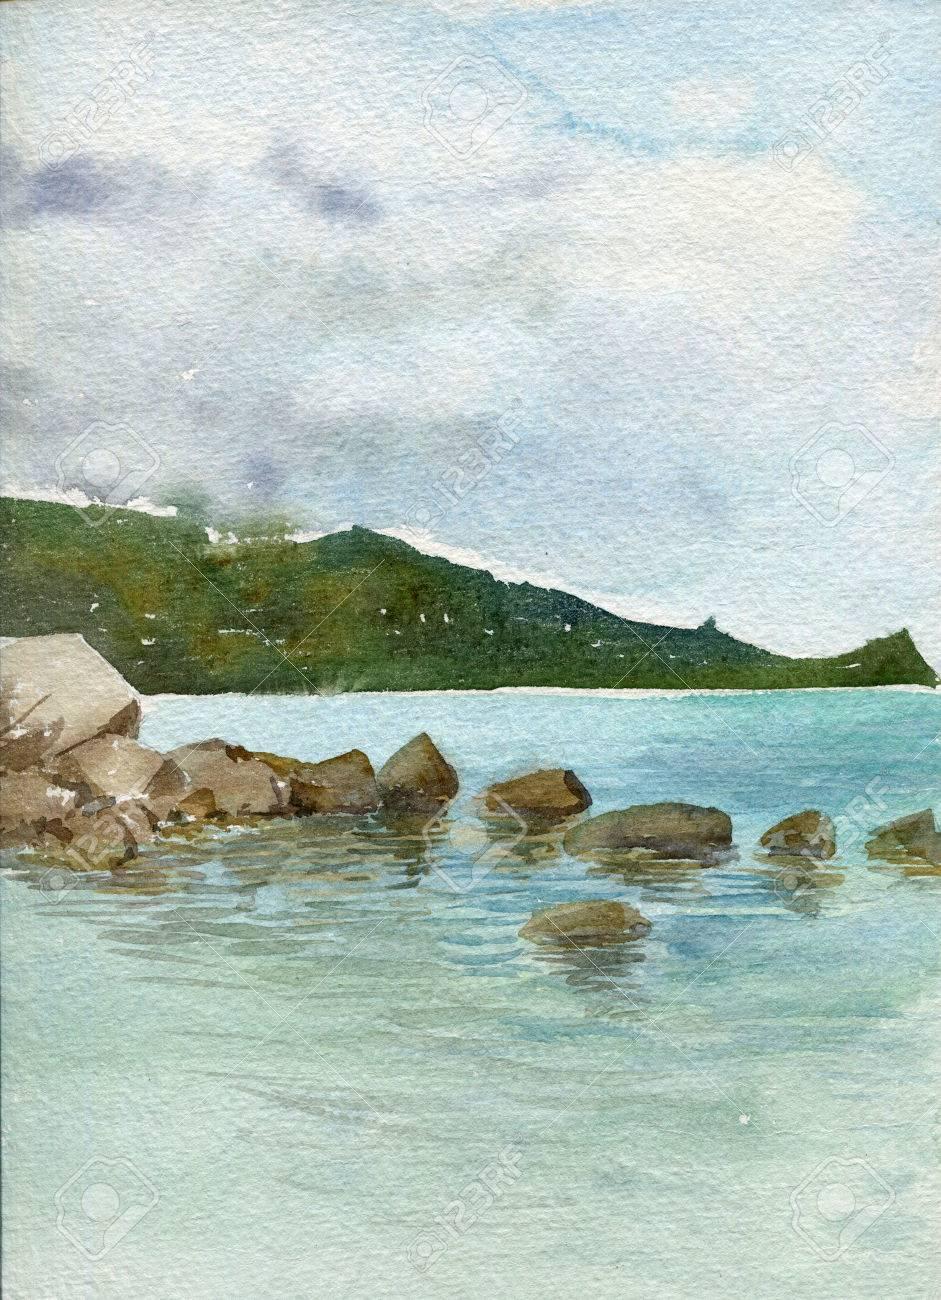 Rochers Au Bord De La Mer Avec La Reflexion Dans L Eau Calme Et Vert Foret A La Distance La Mer Paysage Dessin A L Aquarelle Peinture A La Main